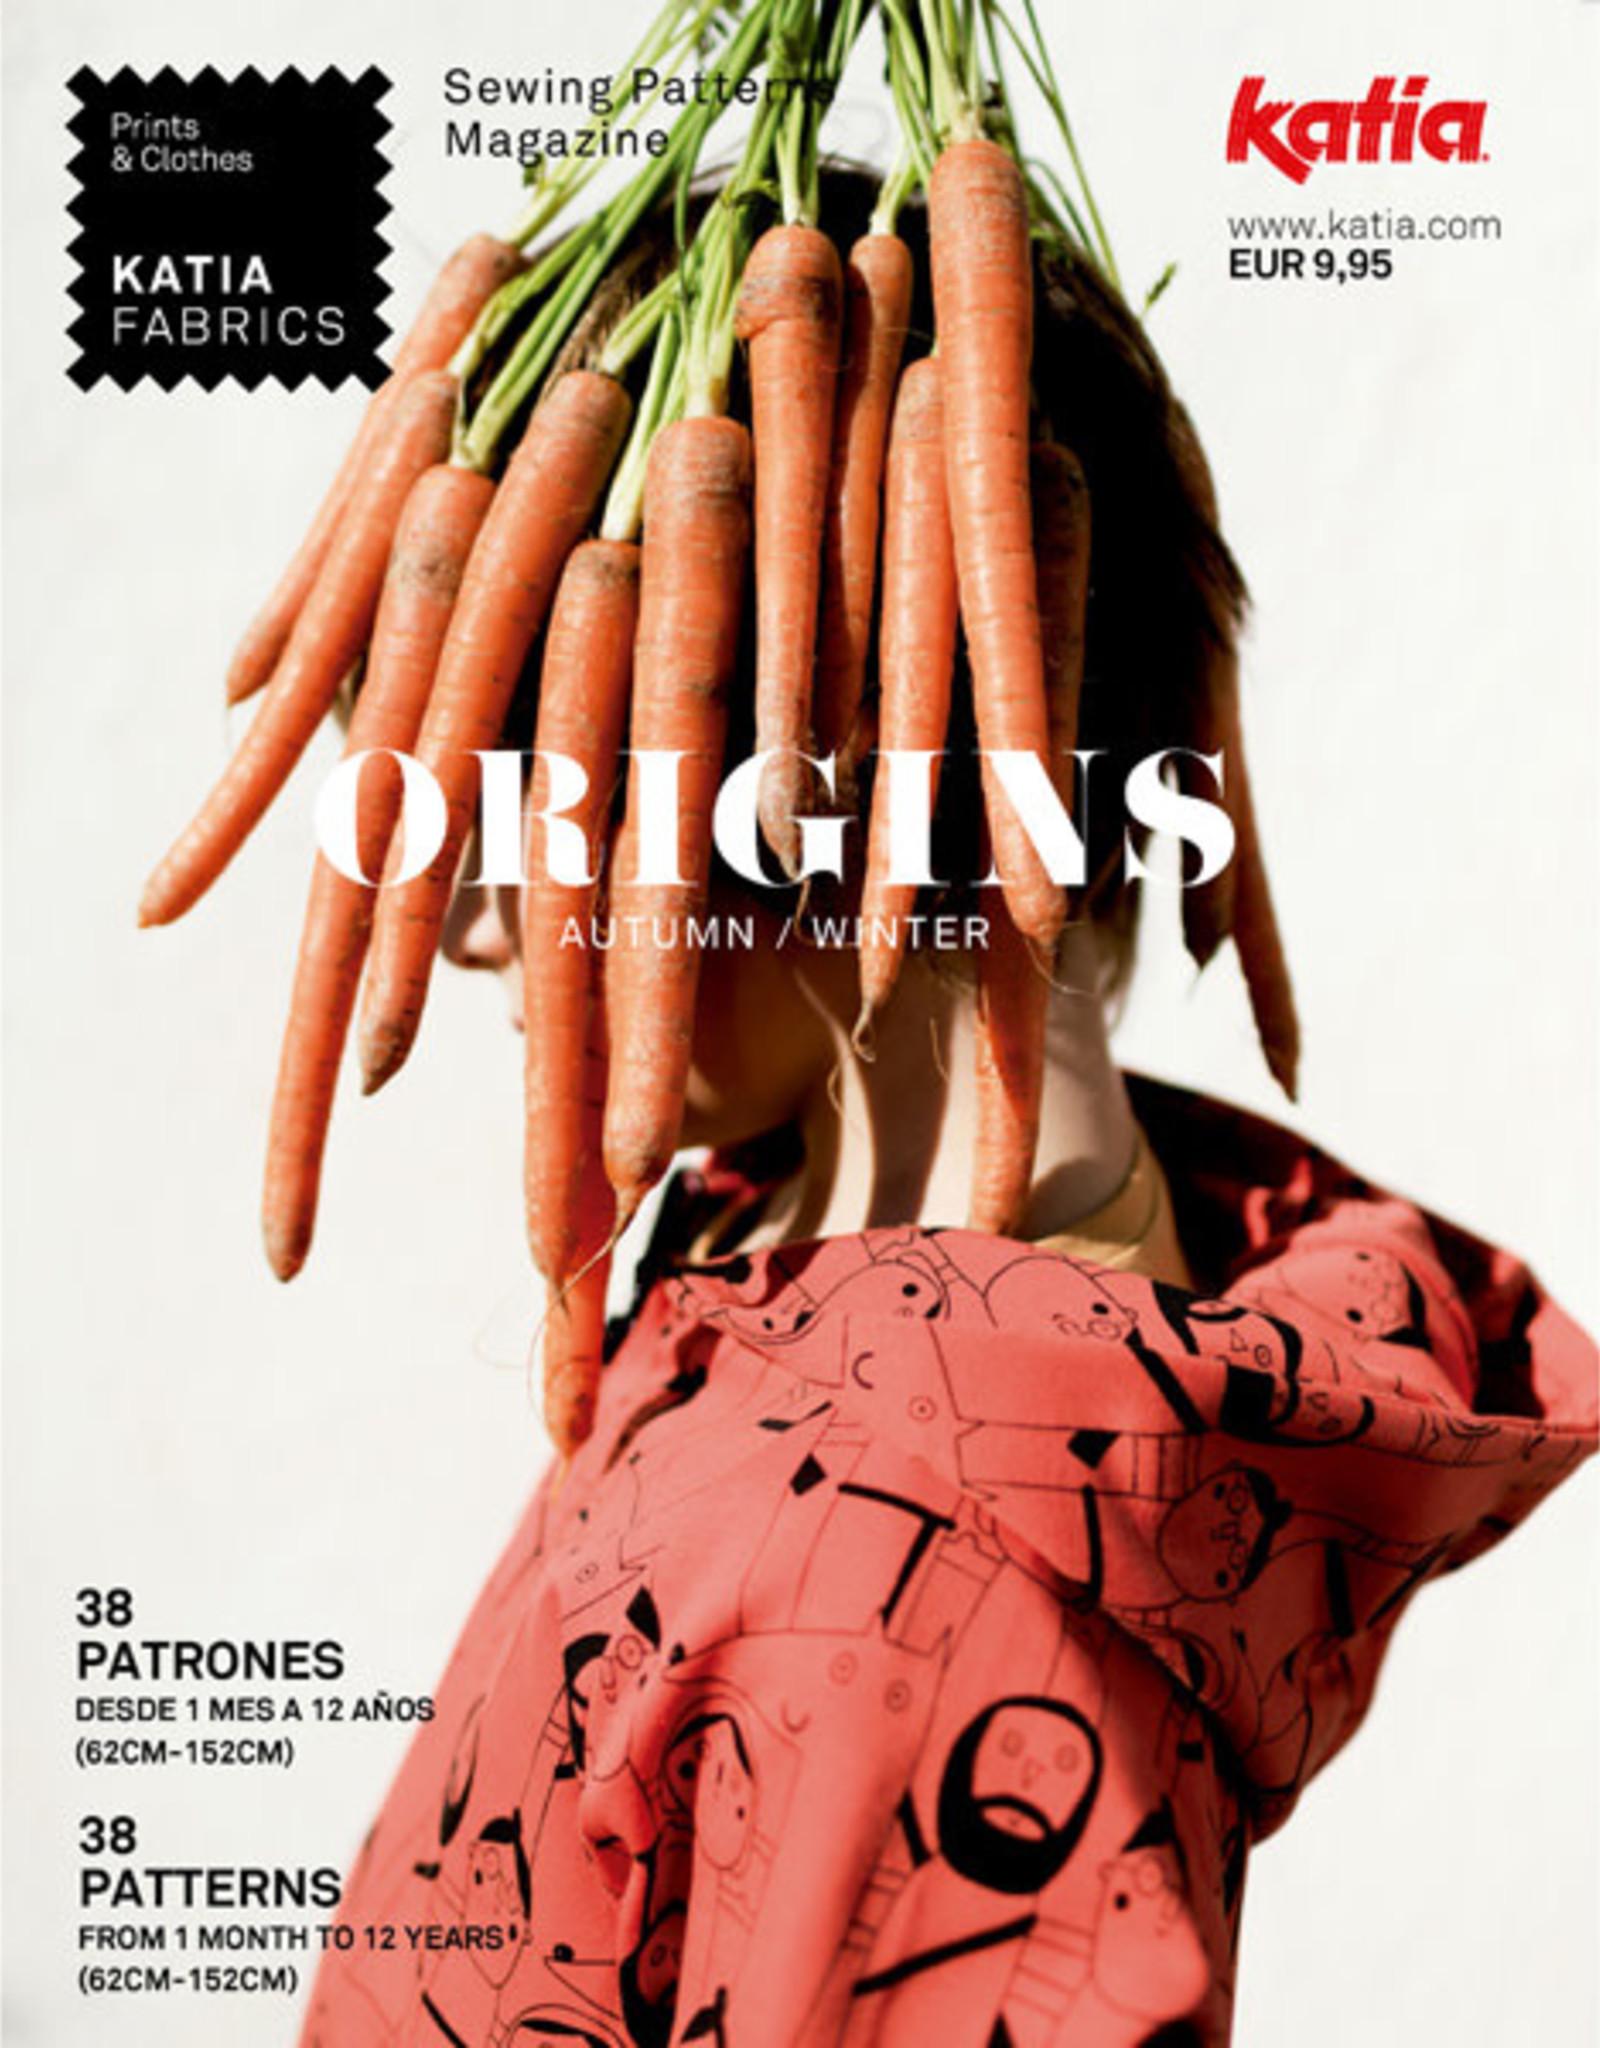 Katia Magazine katia